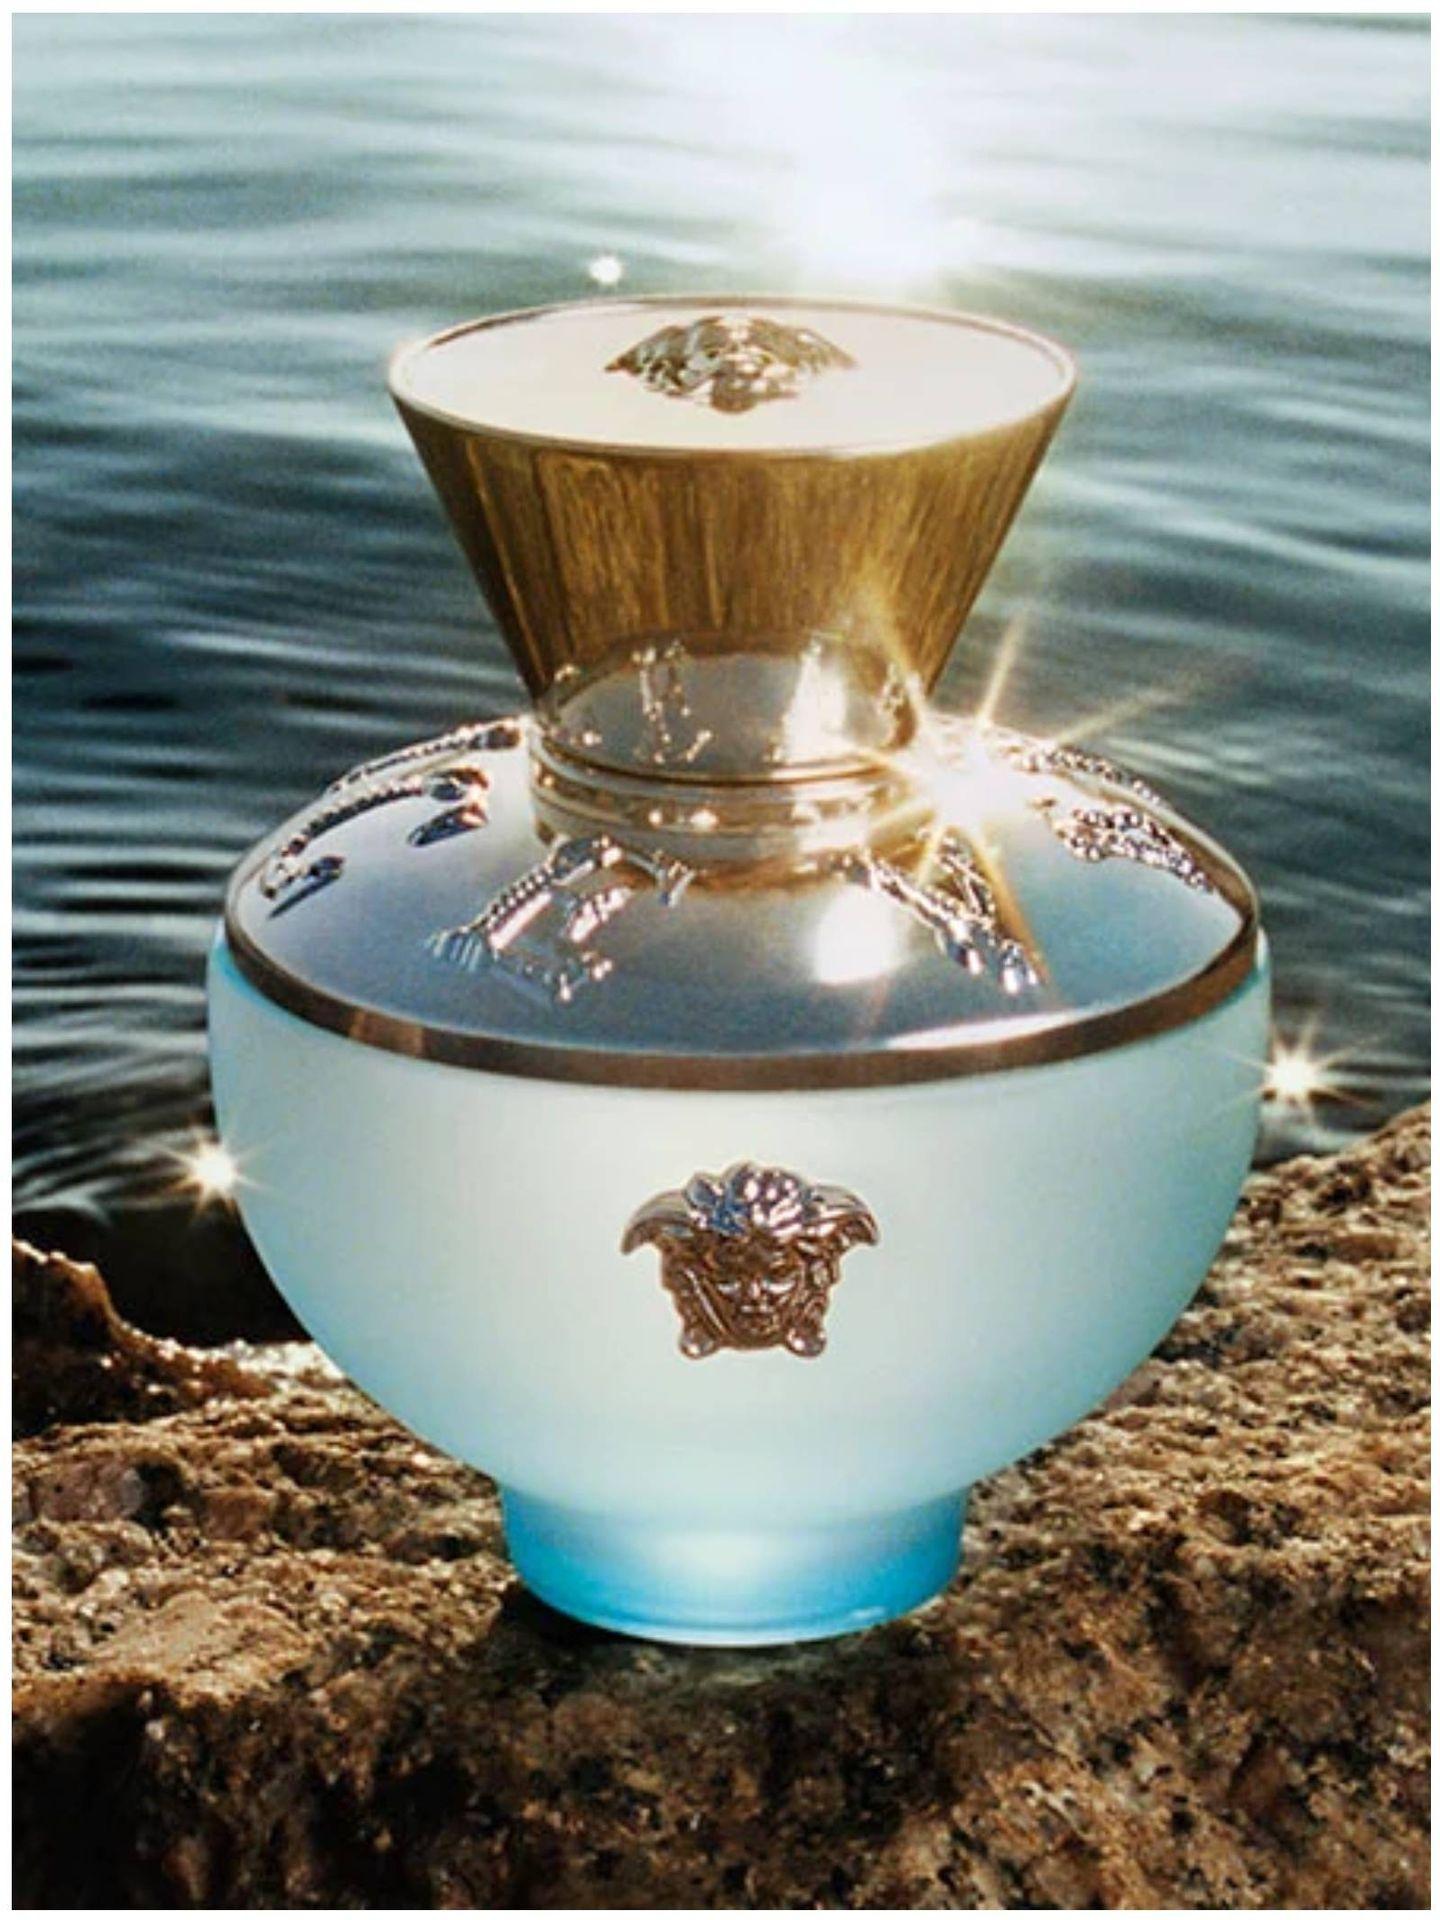 Fragancias y colonias con aroma a mar. (Cortesía)